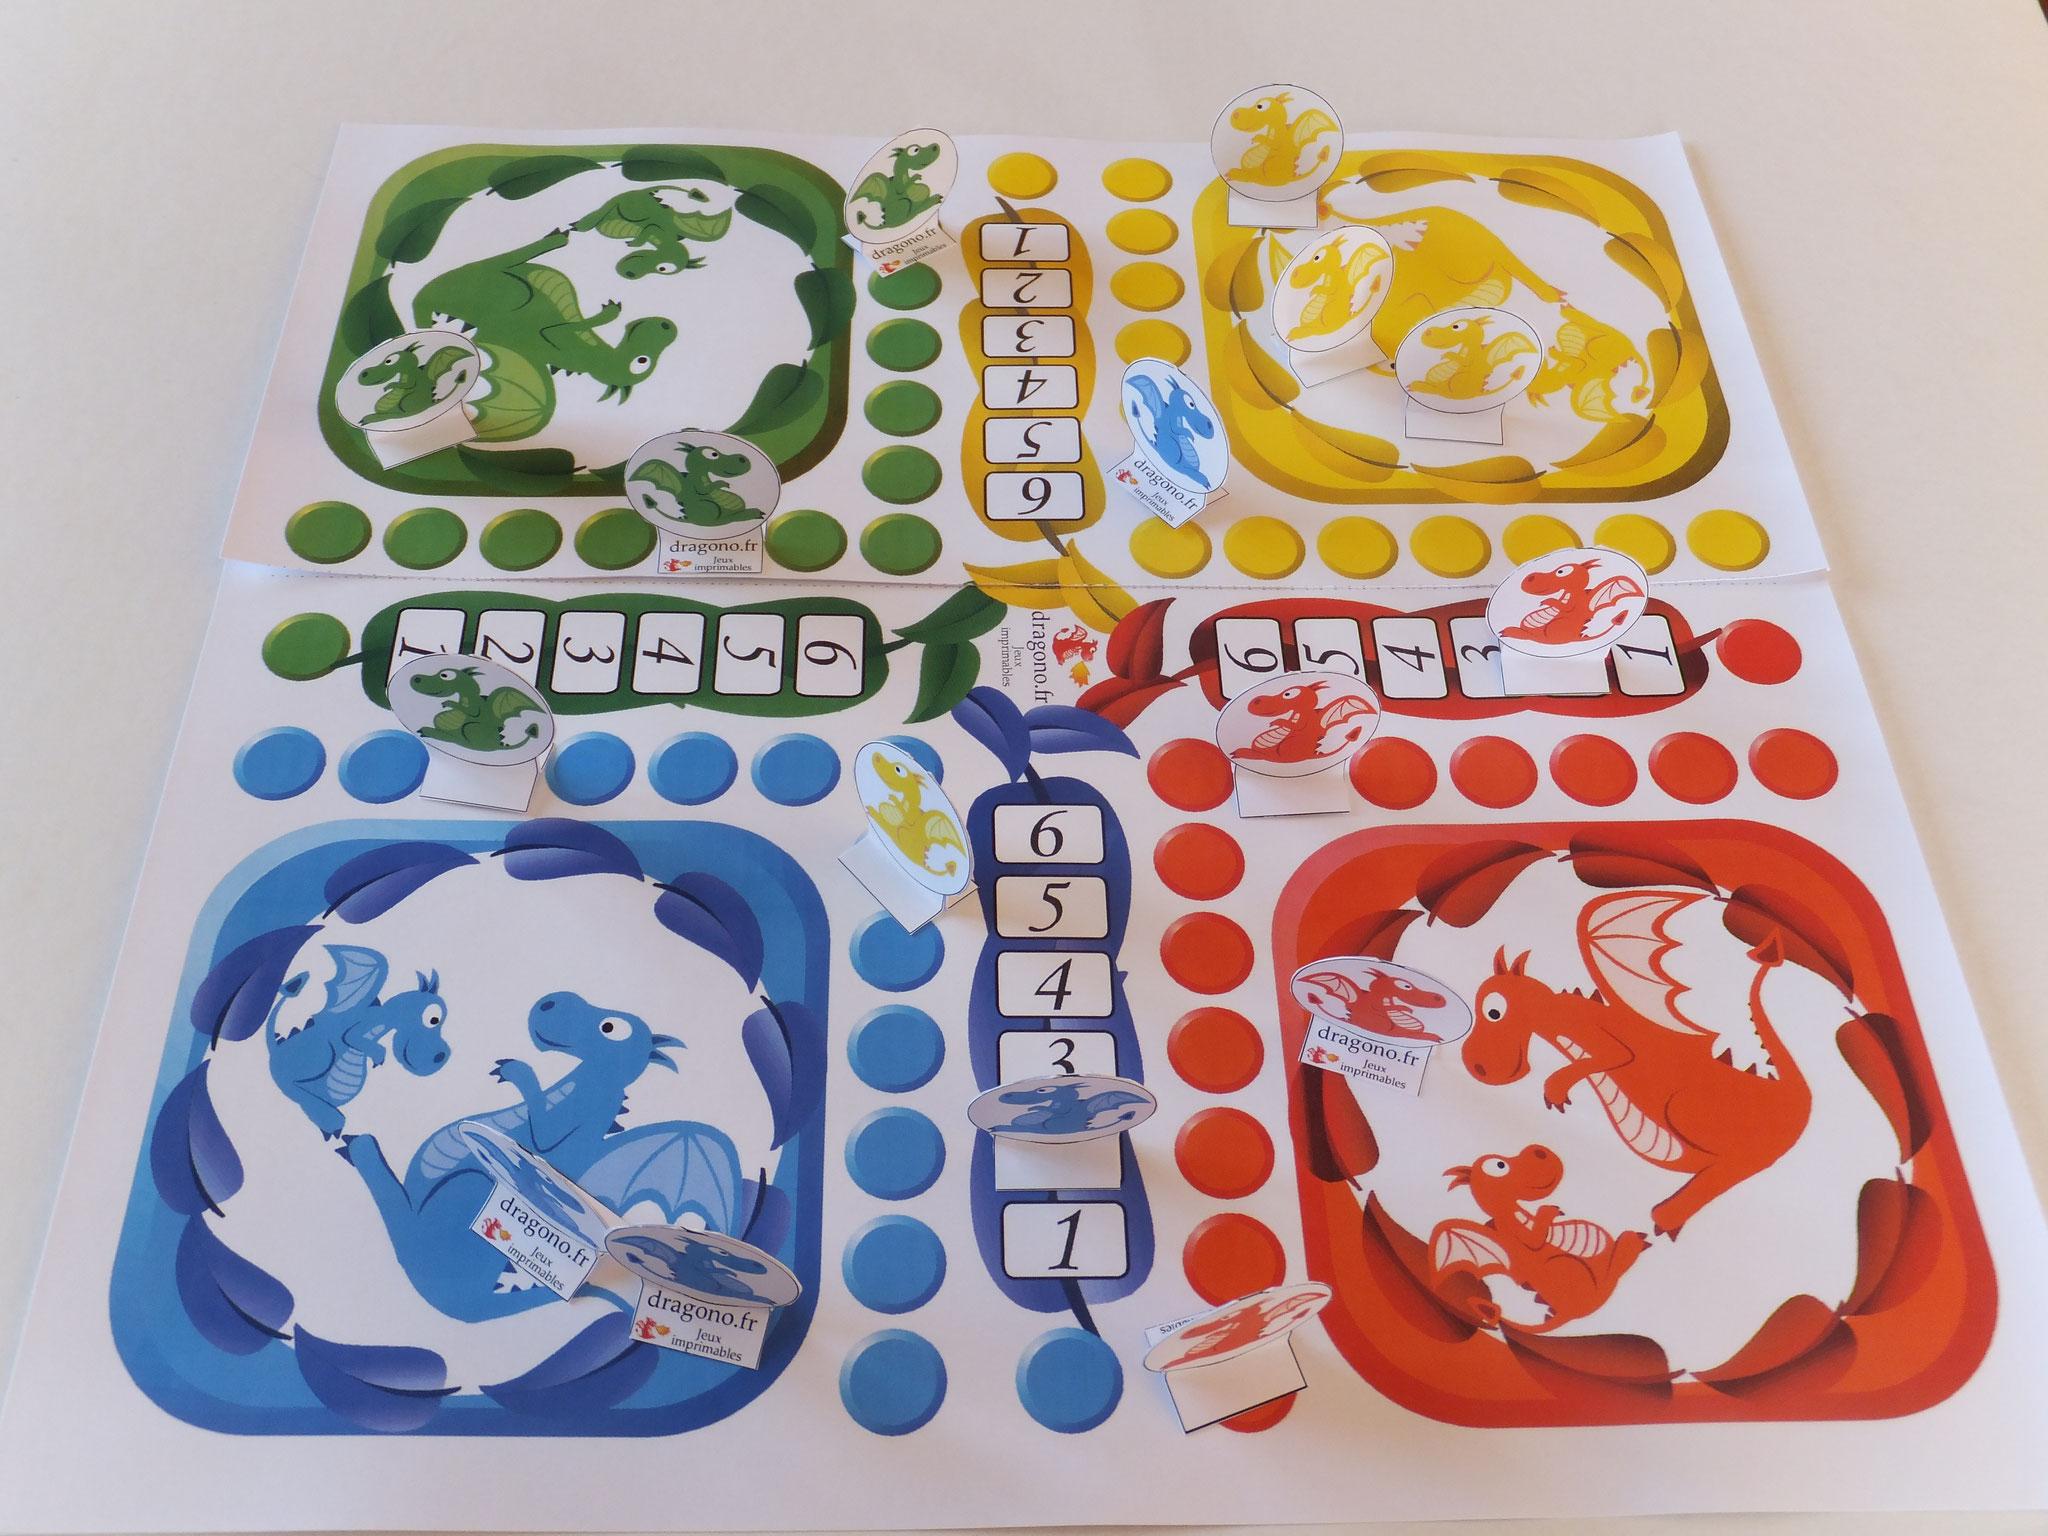 Jeux A Imprimer Pour Enfants, Famille, Ludiques, Éducatifs encequiconcerne Jeux Educatif Gratuit Pour Fille De 5 Ans